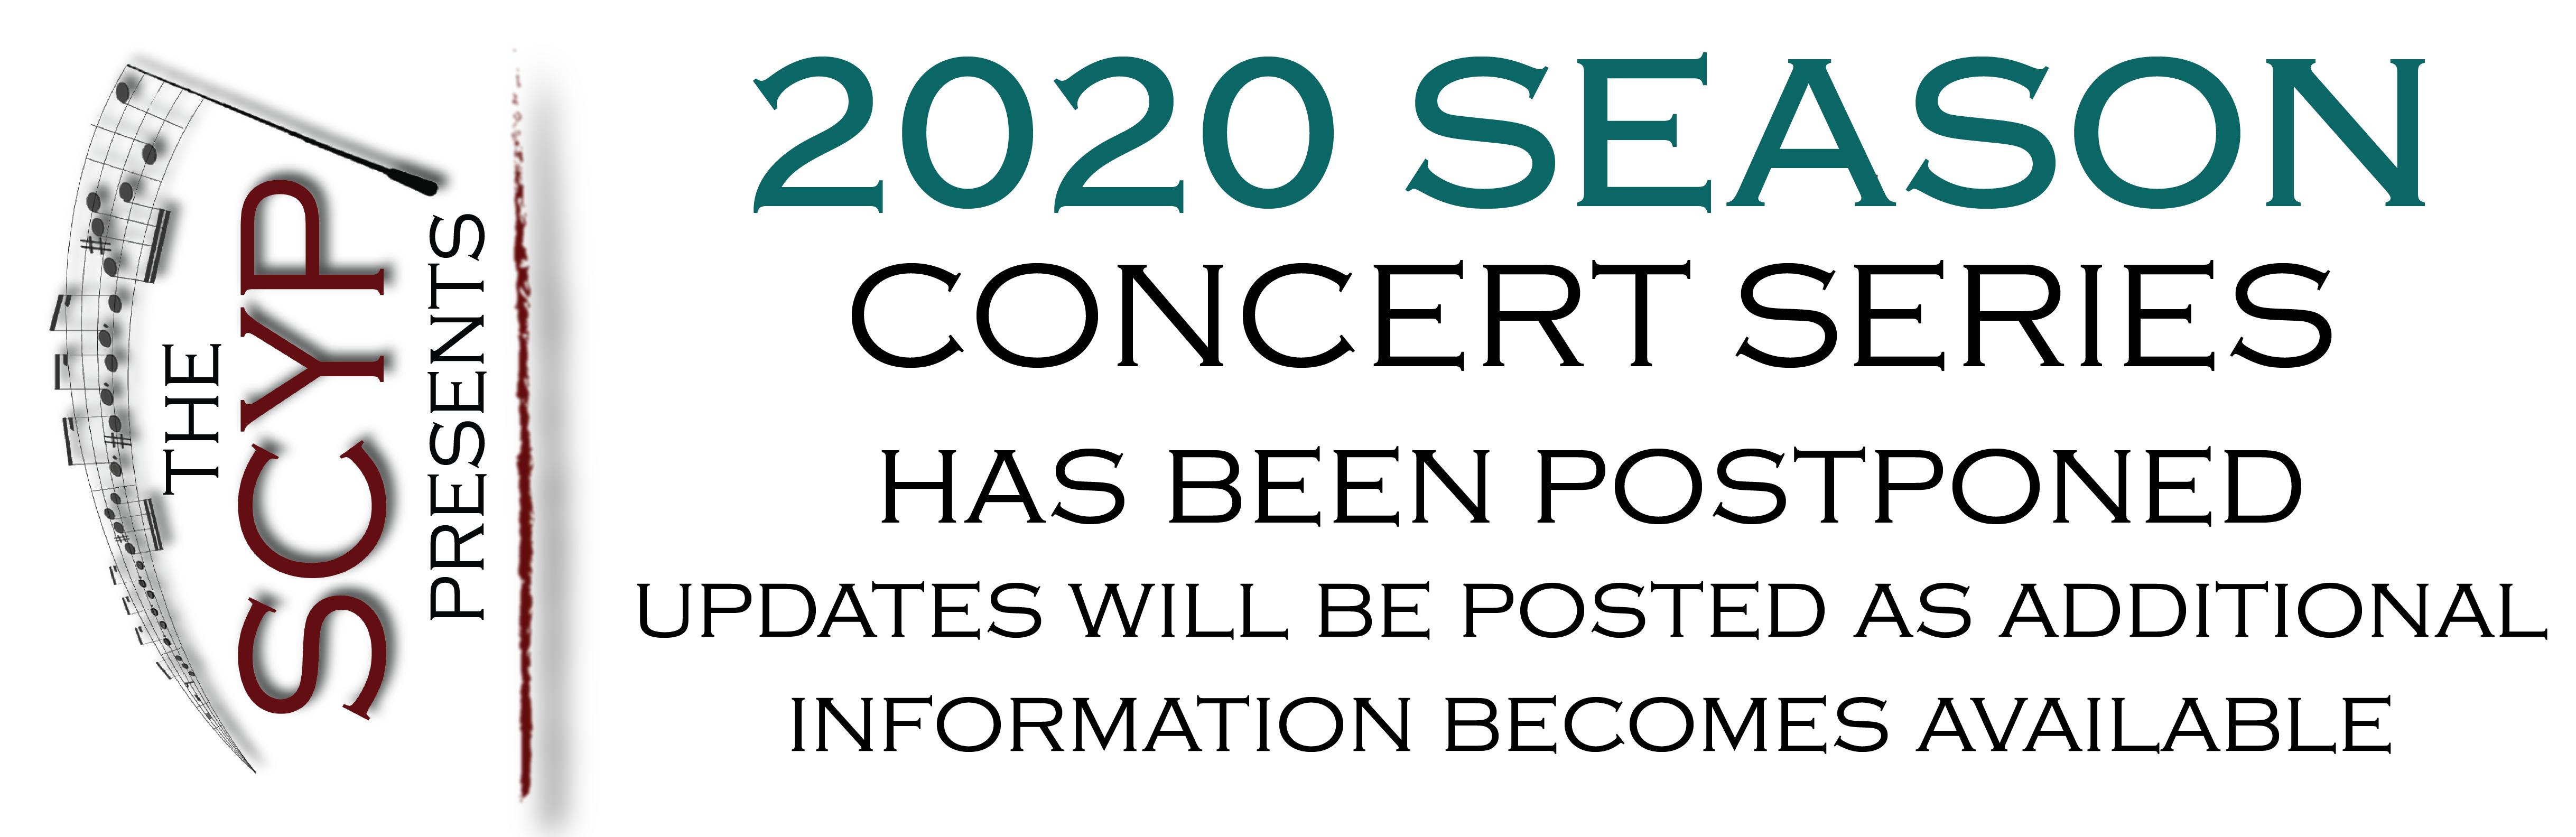 concert series coronavirus-01